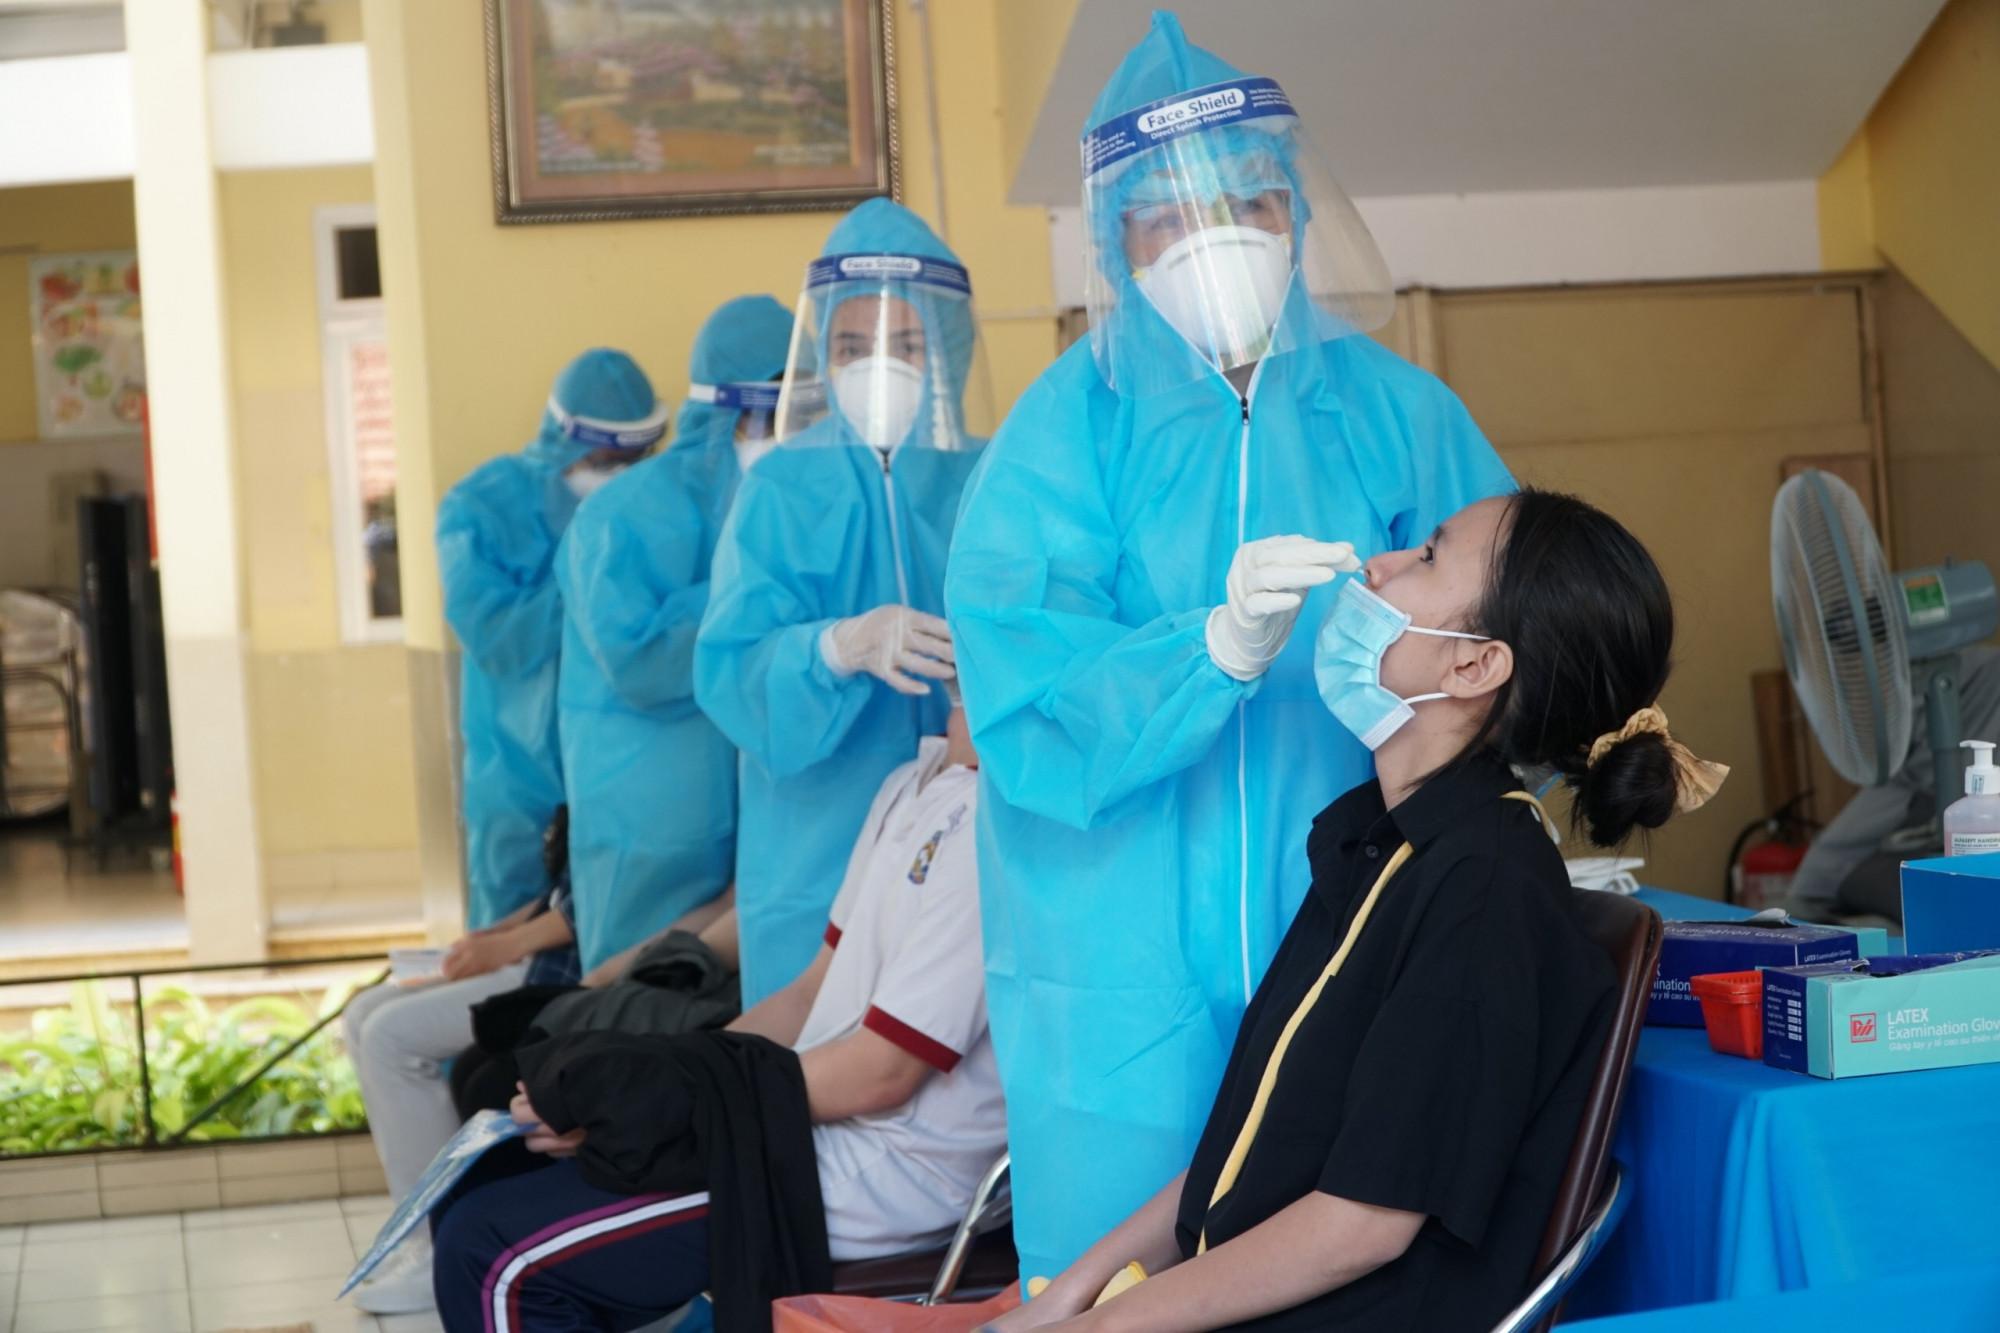 Trong điều kiện diễn biến dịch bệnh phức tạp, Sở GD-ĐT TPHCM để xuất xét đặc cách cho hơn 3.200 thí sinh đủ điều kiện dự thi đợt 2 - Ảnh: Tam Nguyên